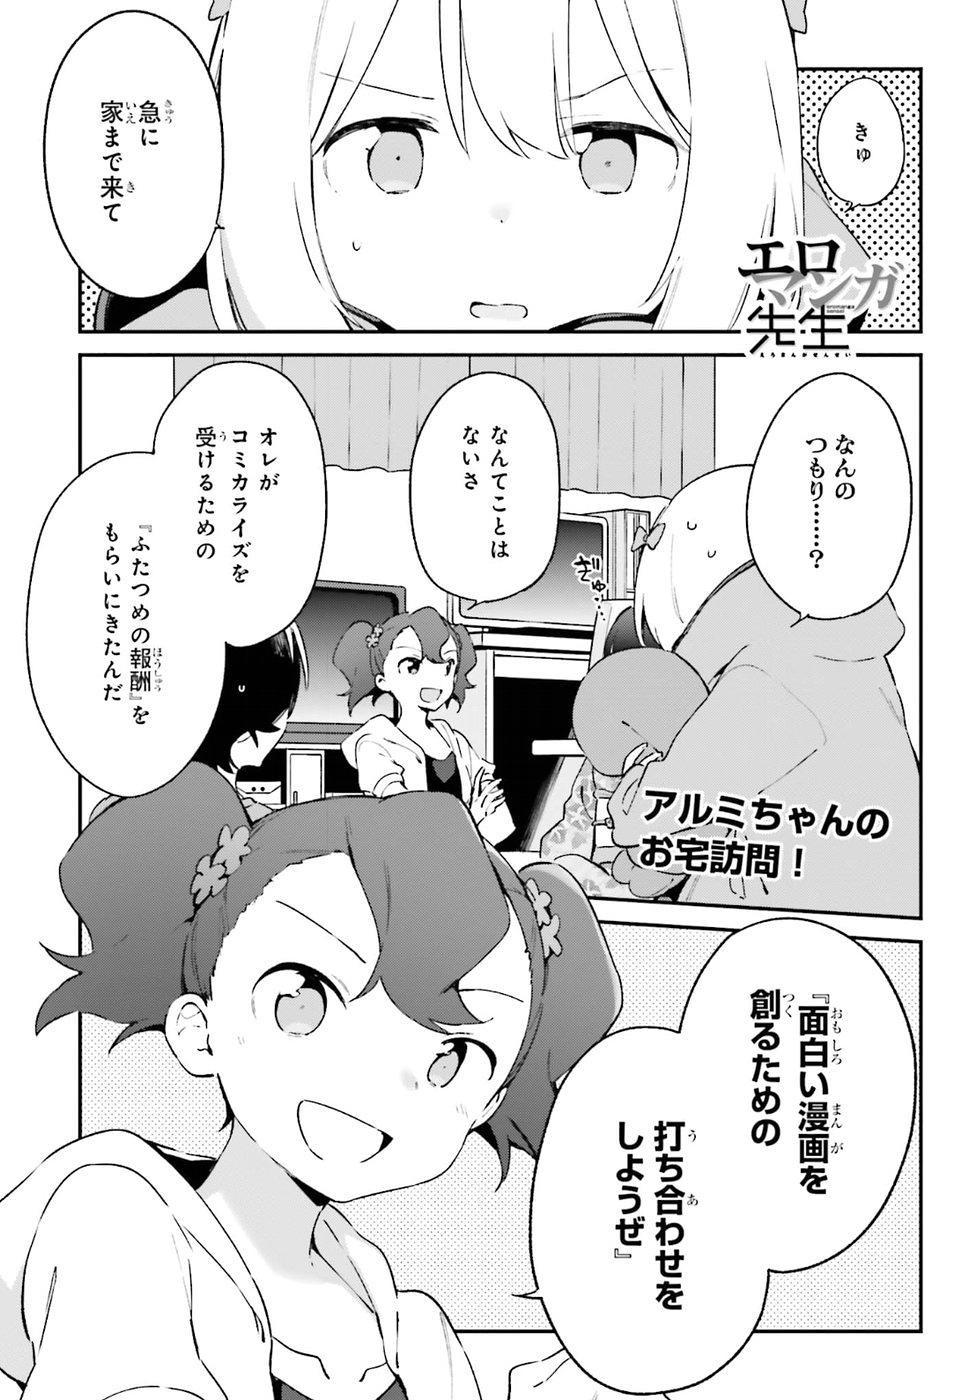 Ero Manga Sensei - Chapter 49 - Page 1